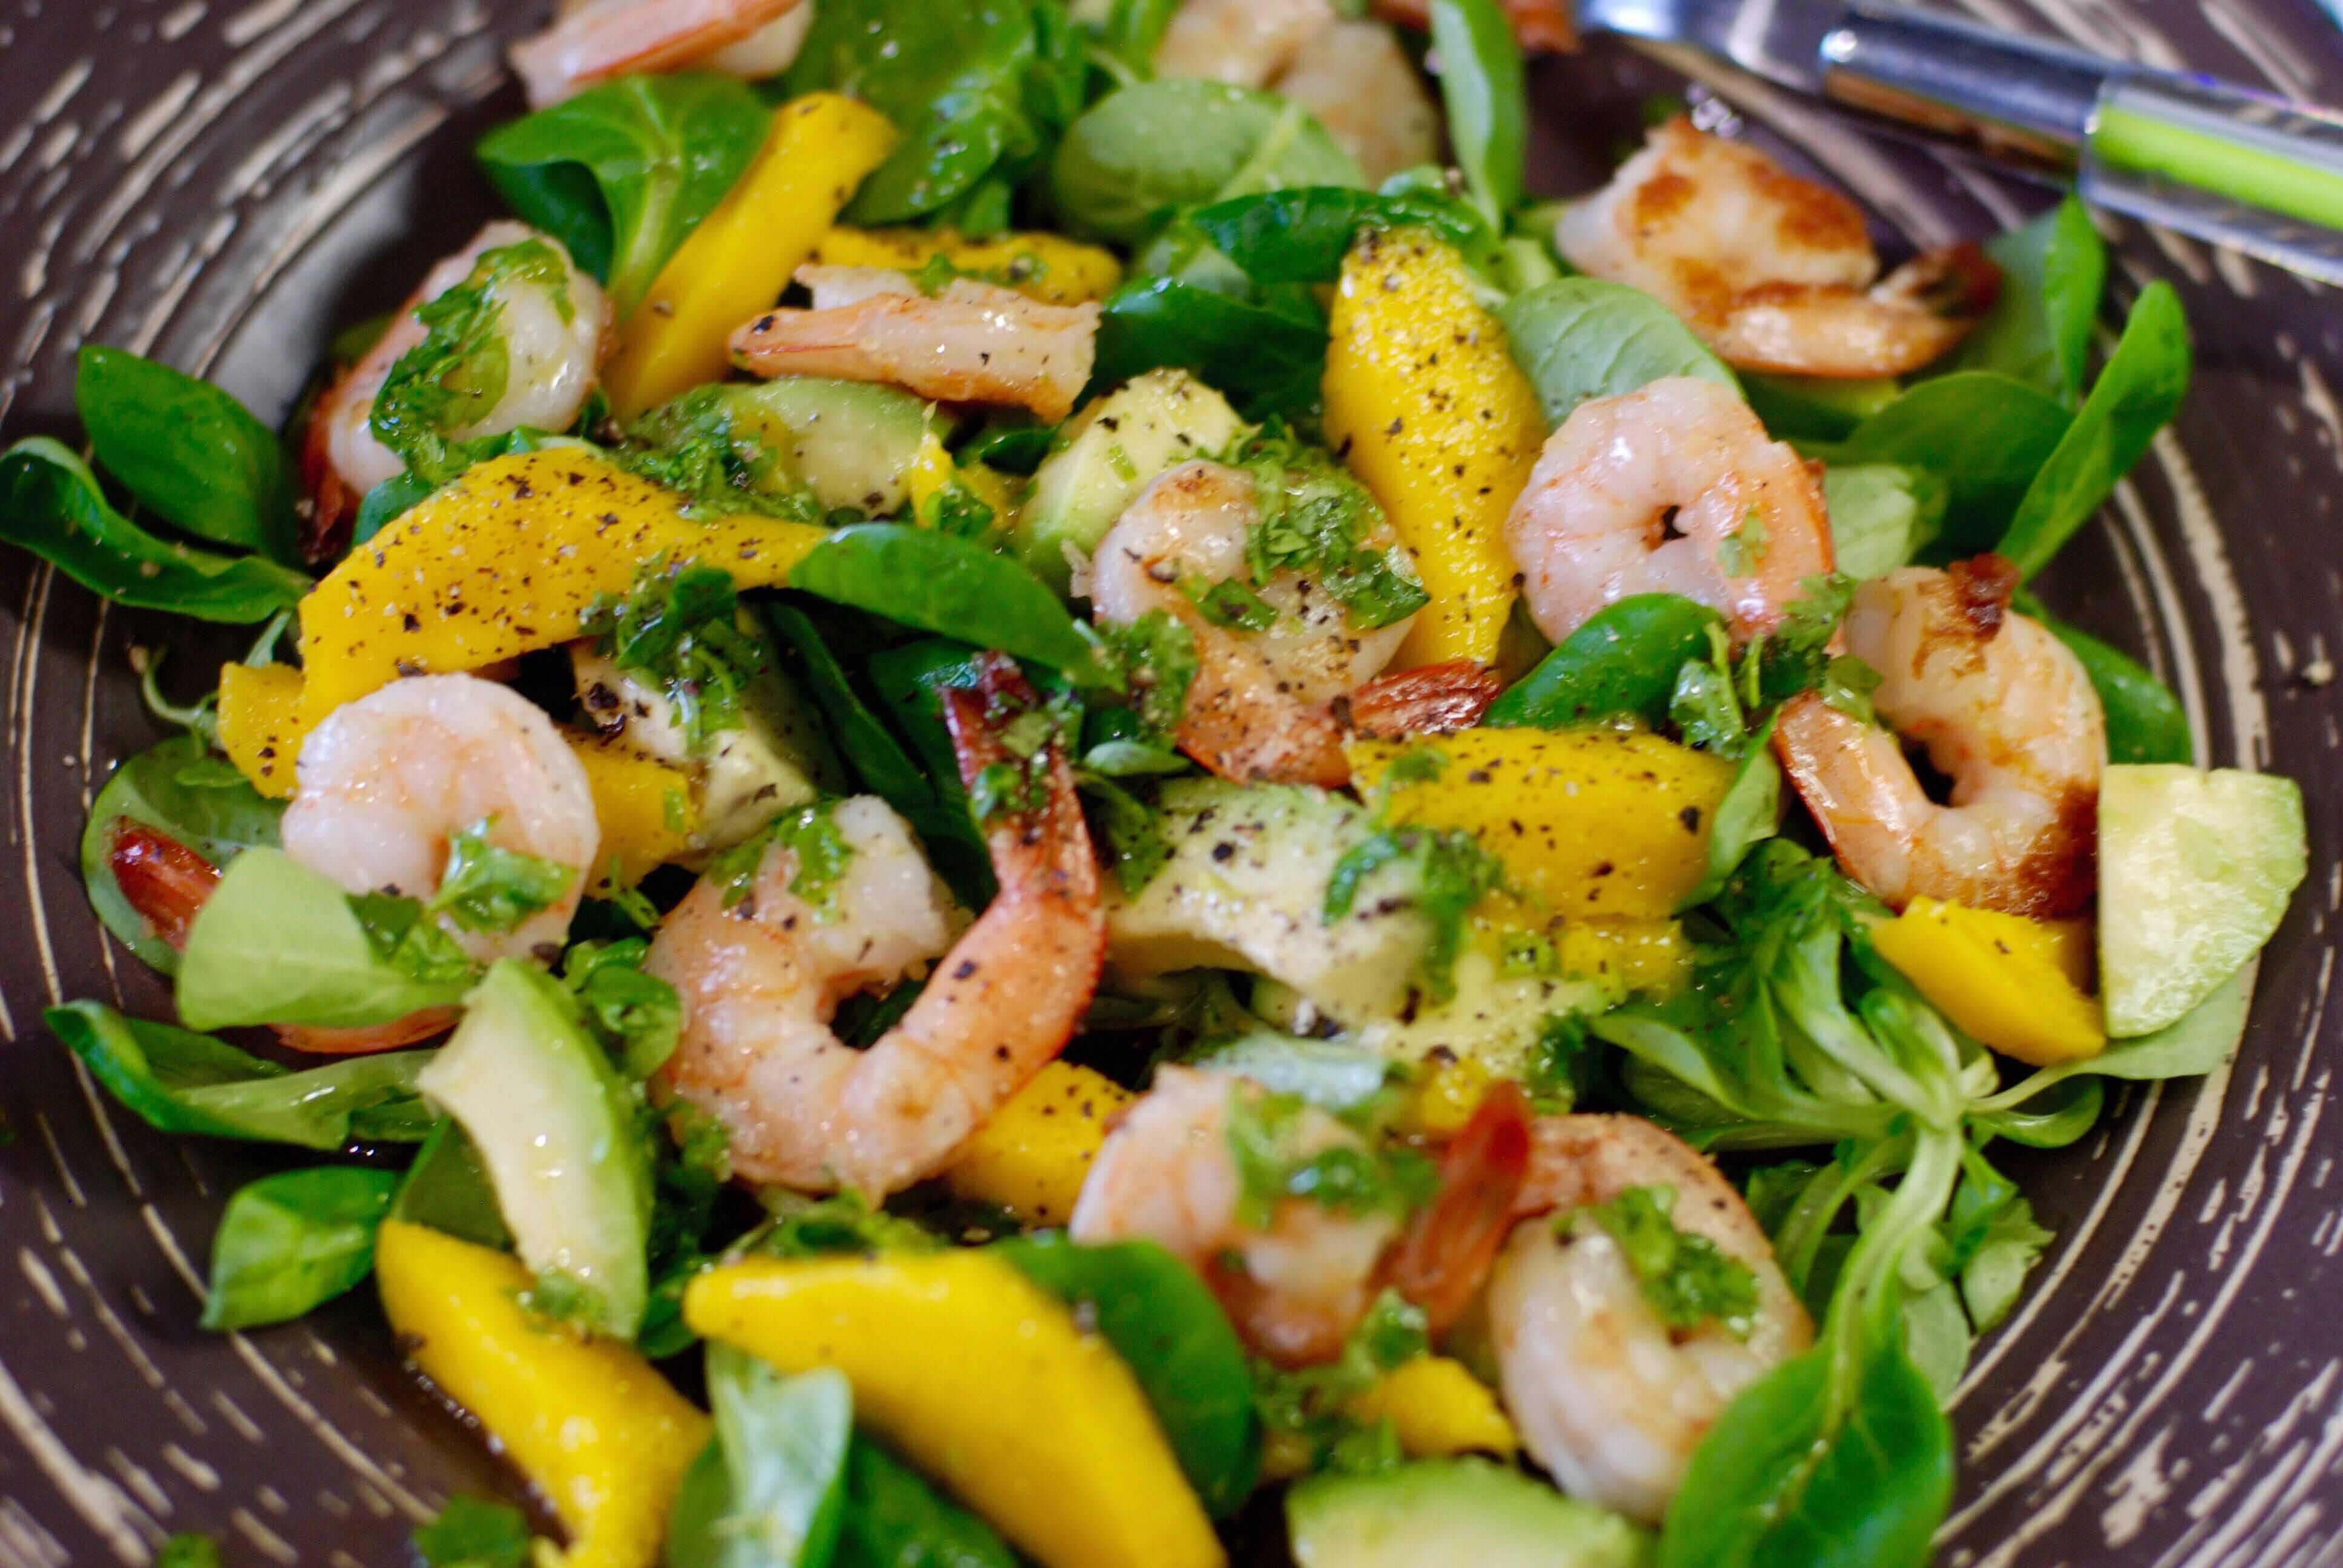 Салат с креветками и авокадо - 8 вкусных рецептов приготовления